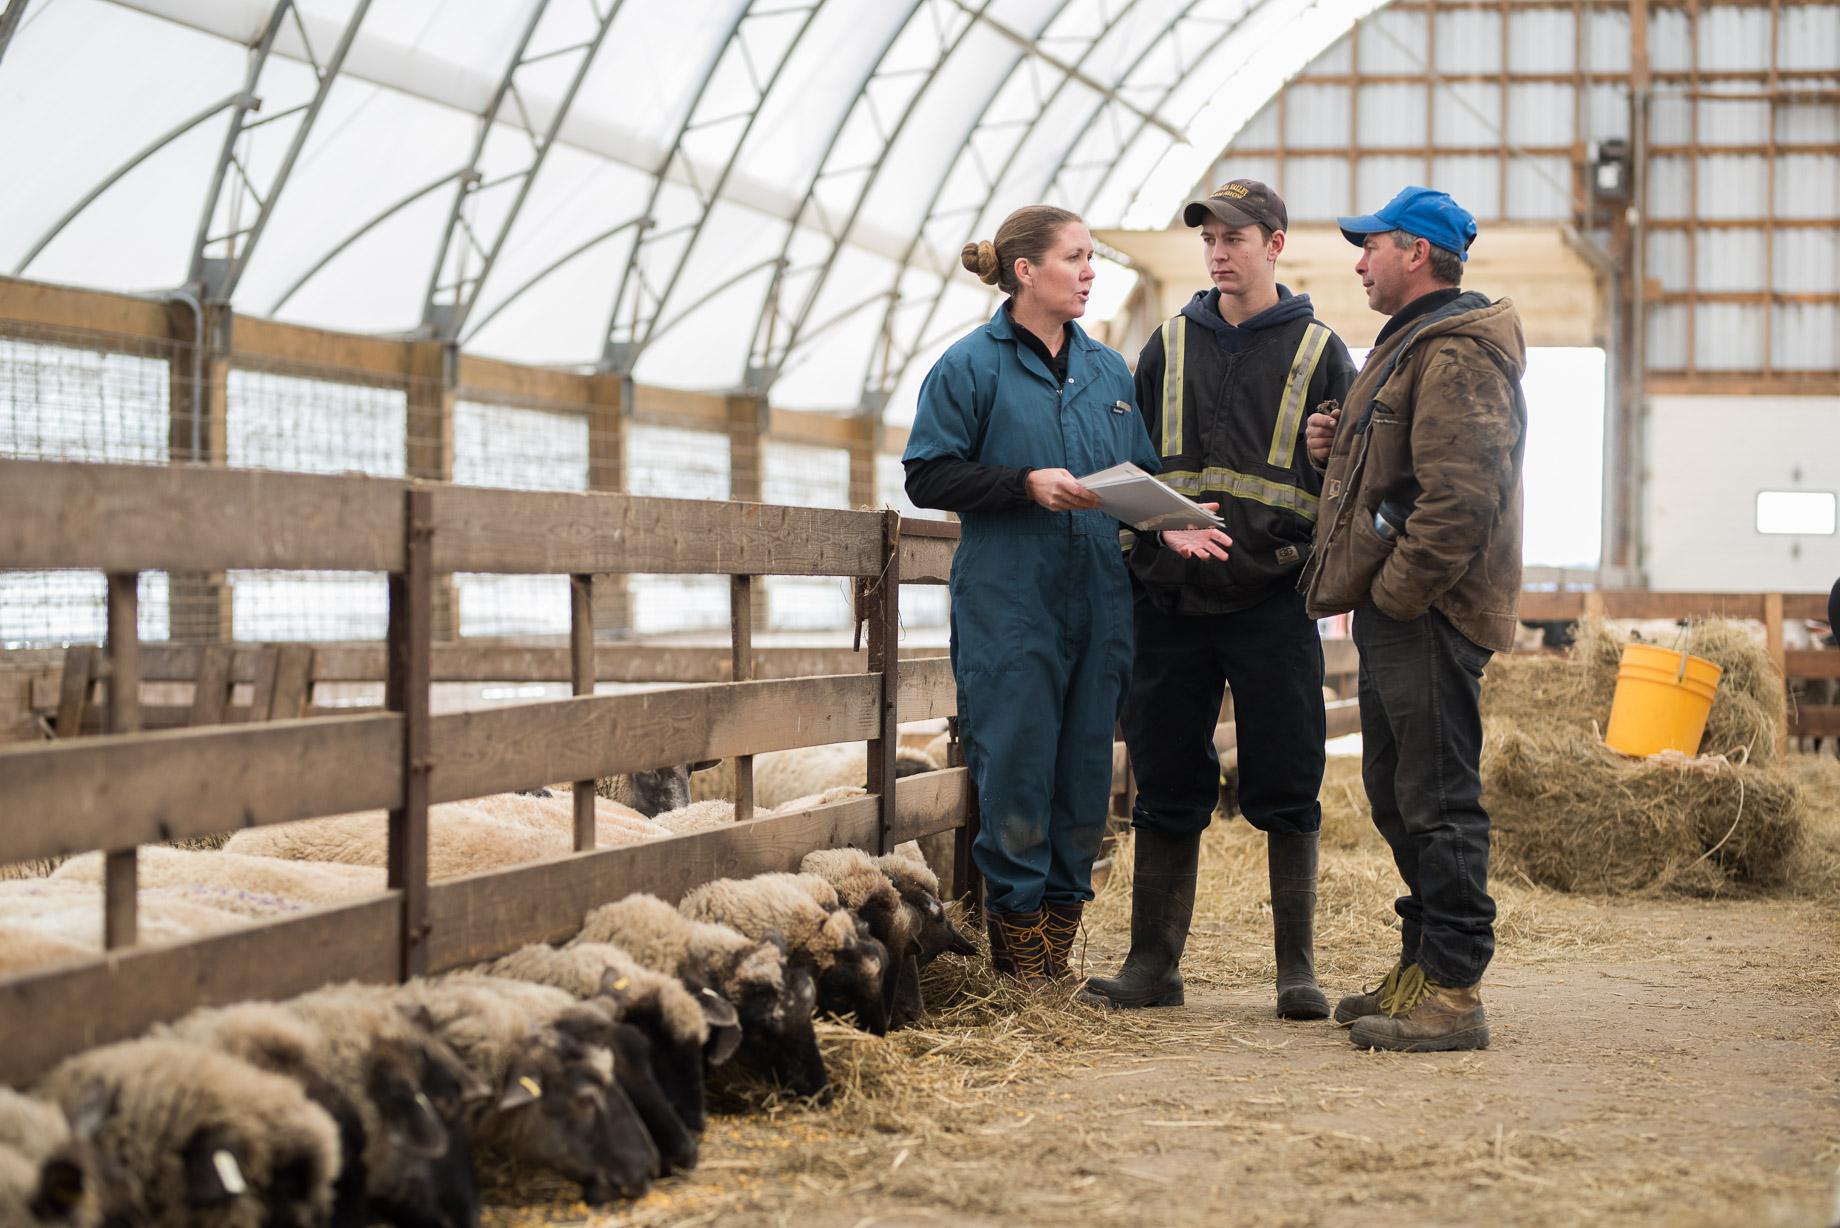 Rideau-Vet-Sheep-Goats-1.jpg